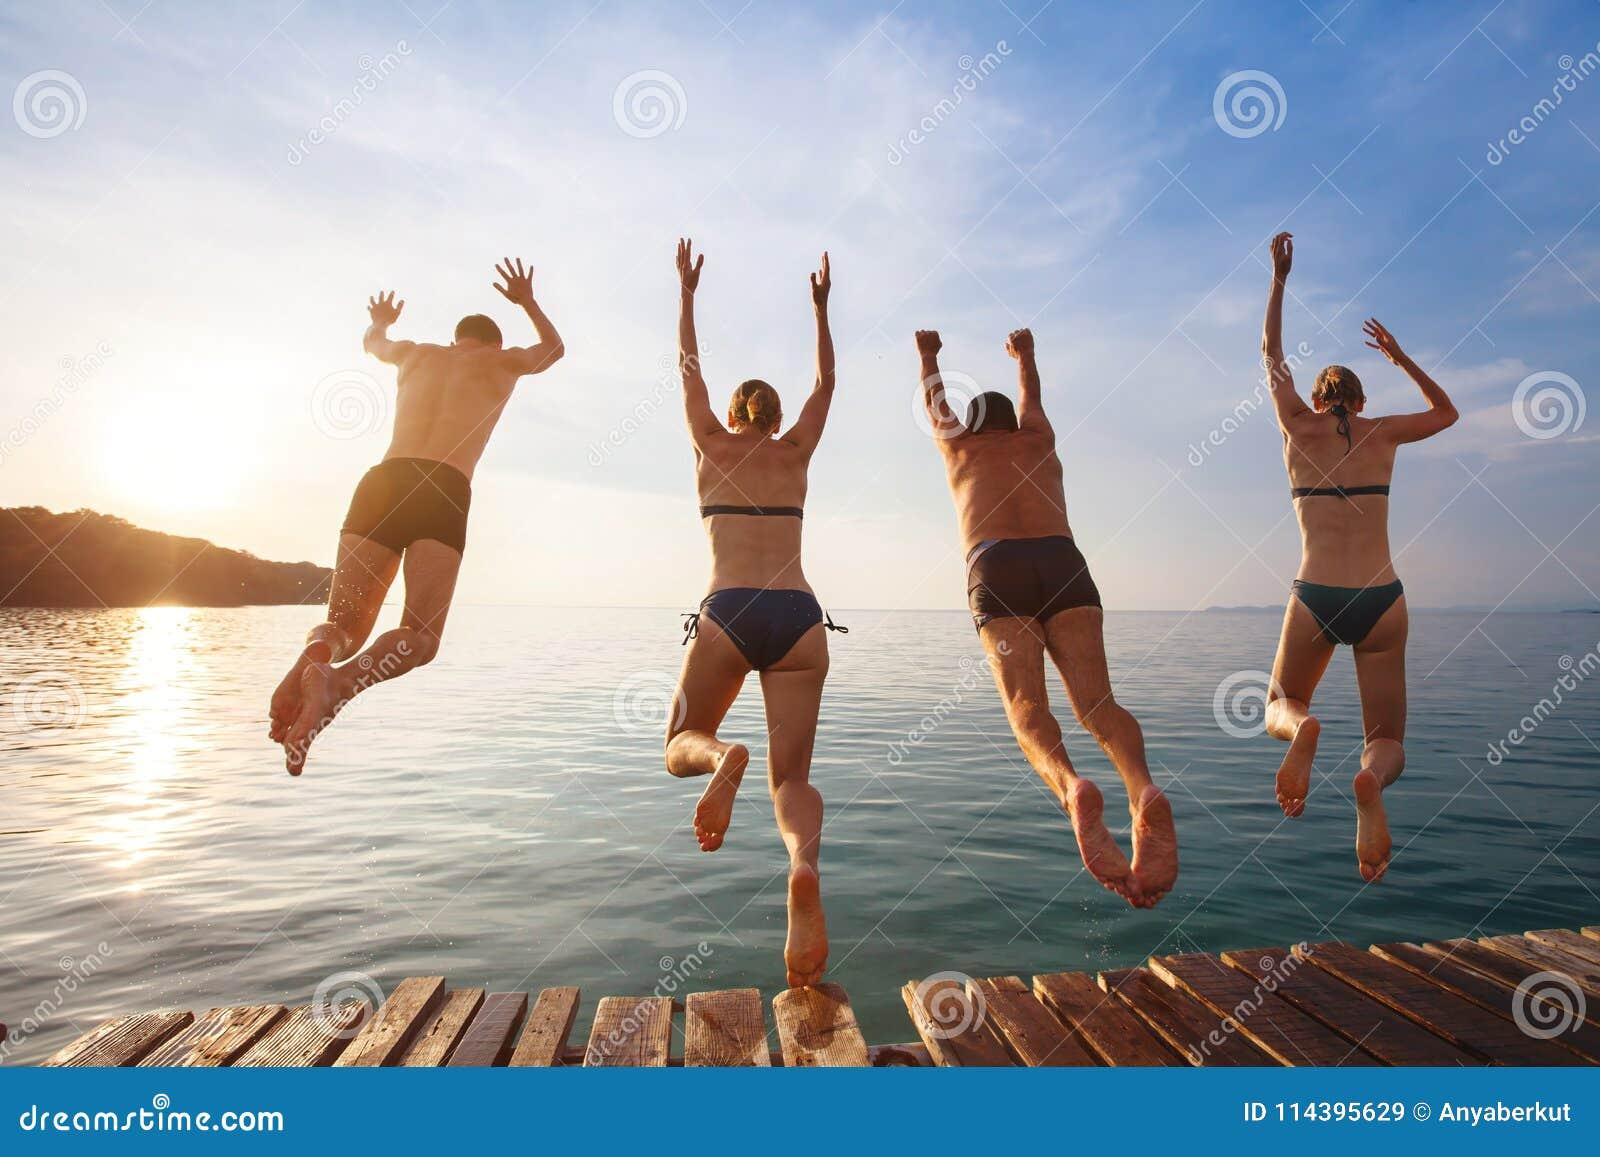 Glückliche Strandurlaube, Gruppe Freunde, die springen, um zu wässern